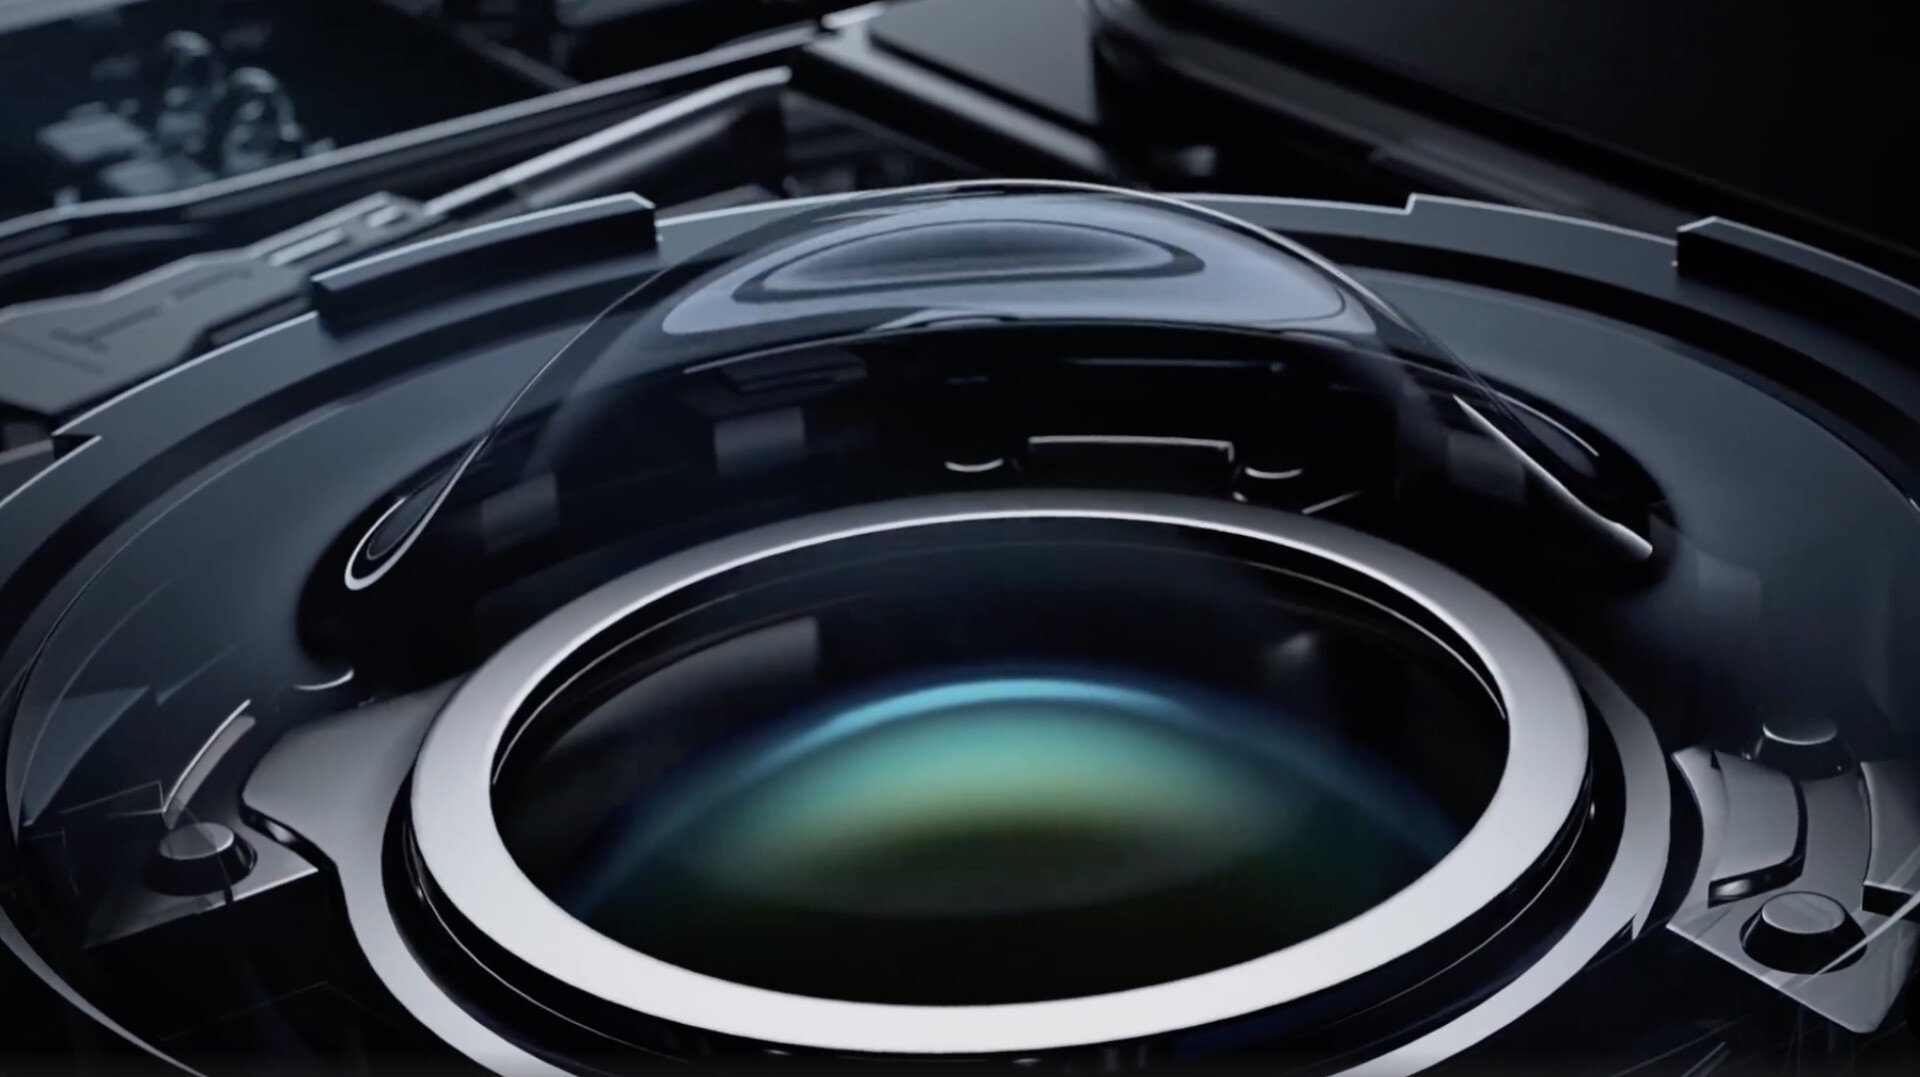 Xiaomi'nin 'sıvı lens teknolojisi' şeklinde isimlendirilen kamera sistemi, telefoto ve makro özelliklerini tek bir lenste topluyor.